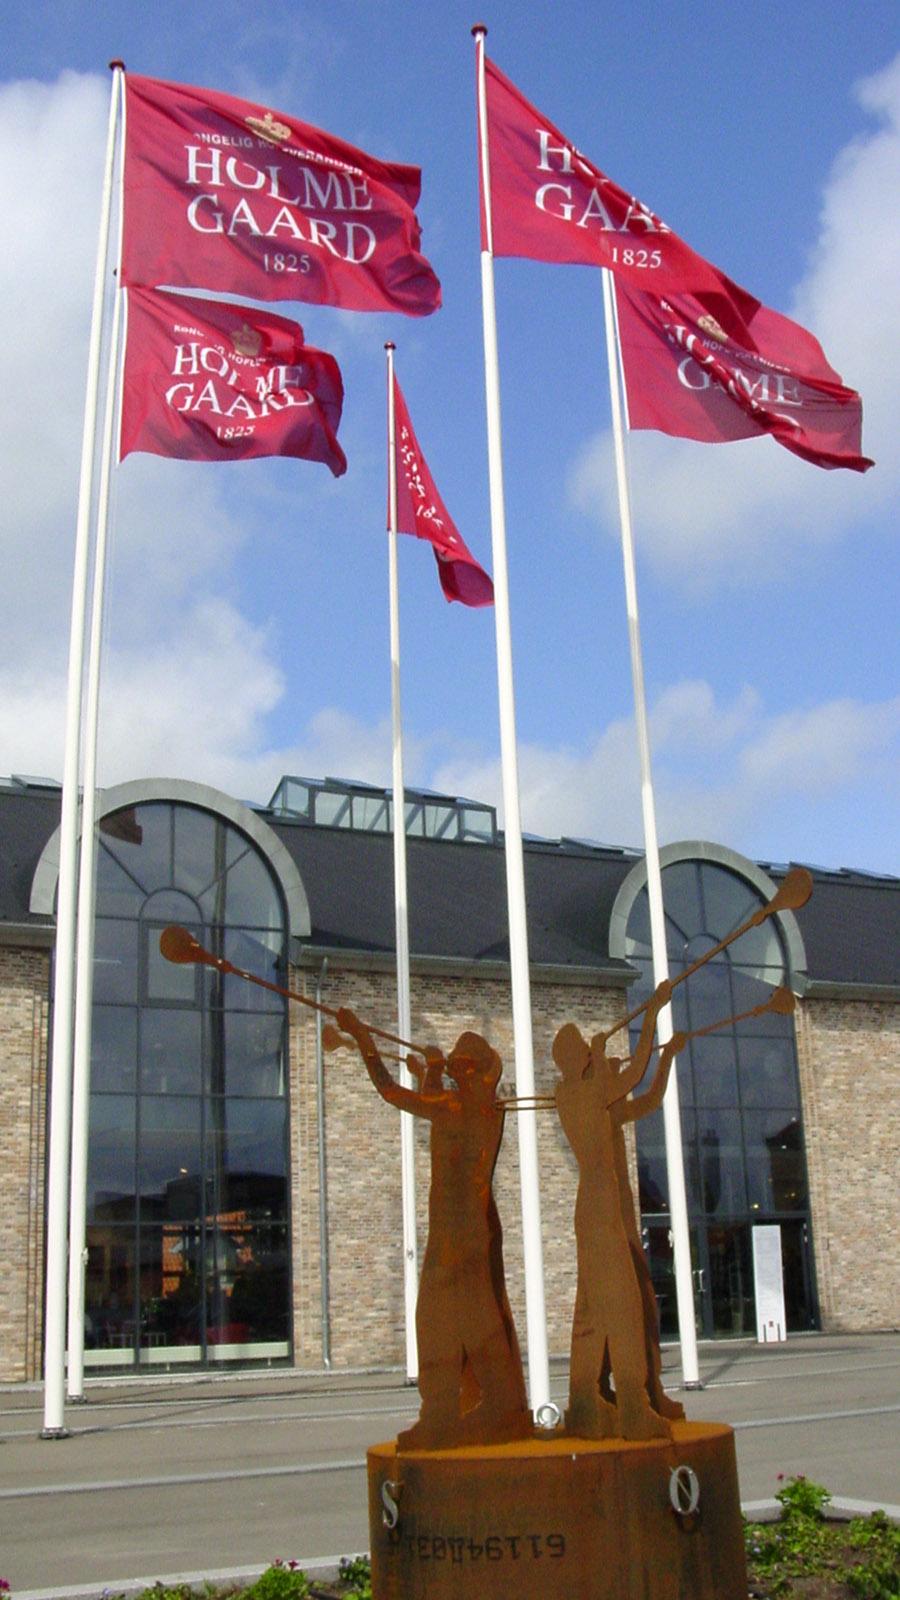 Die Erlebnisfabrik von Holmegaard. Foto: Hilke Maunder